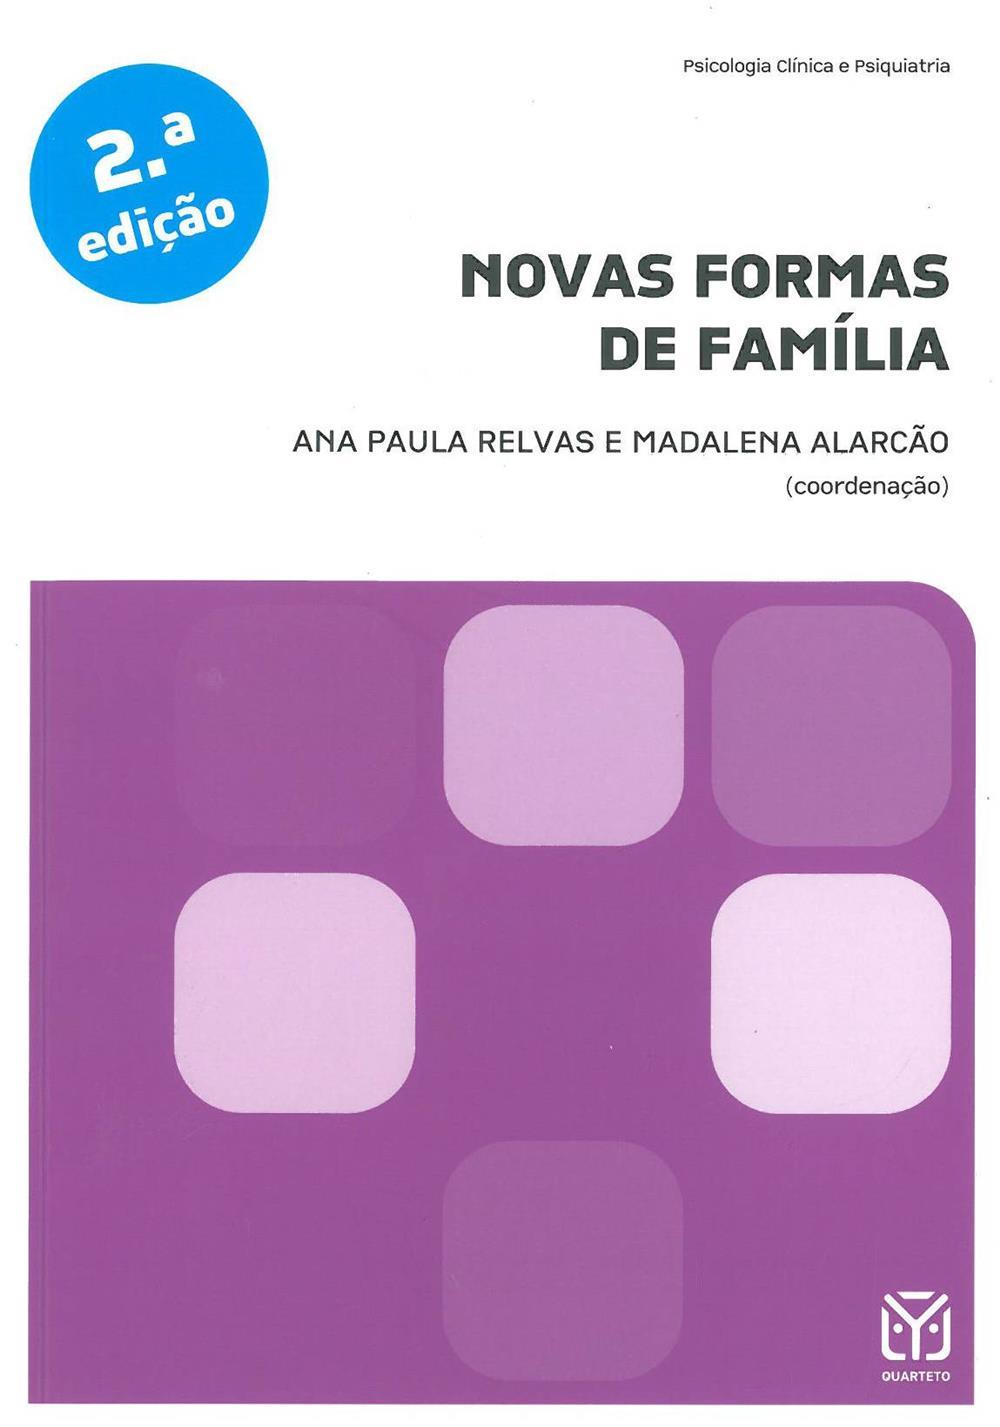 Novas formas de famílias_.jpg